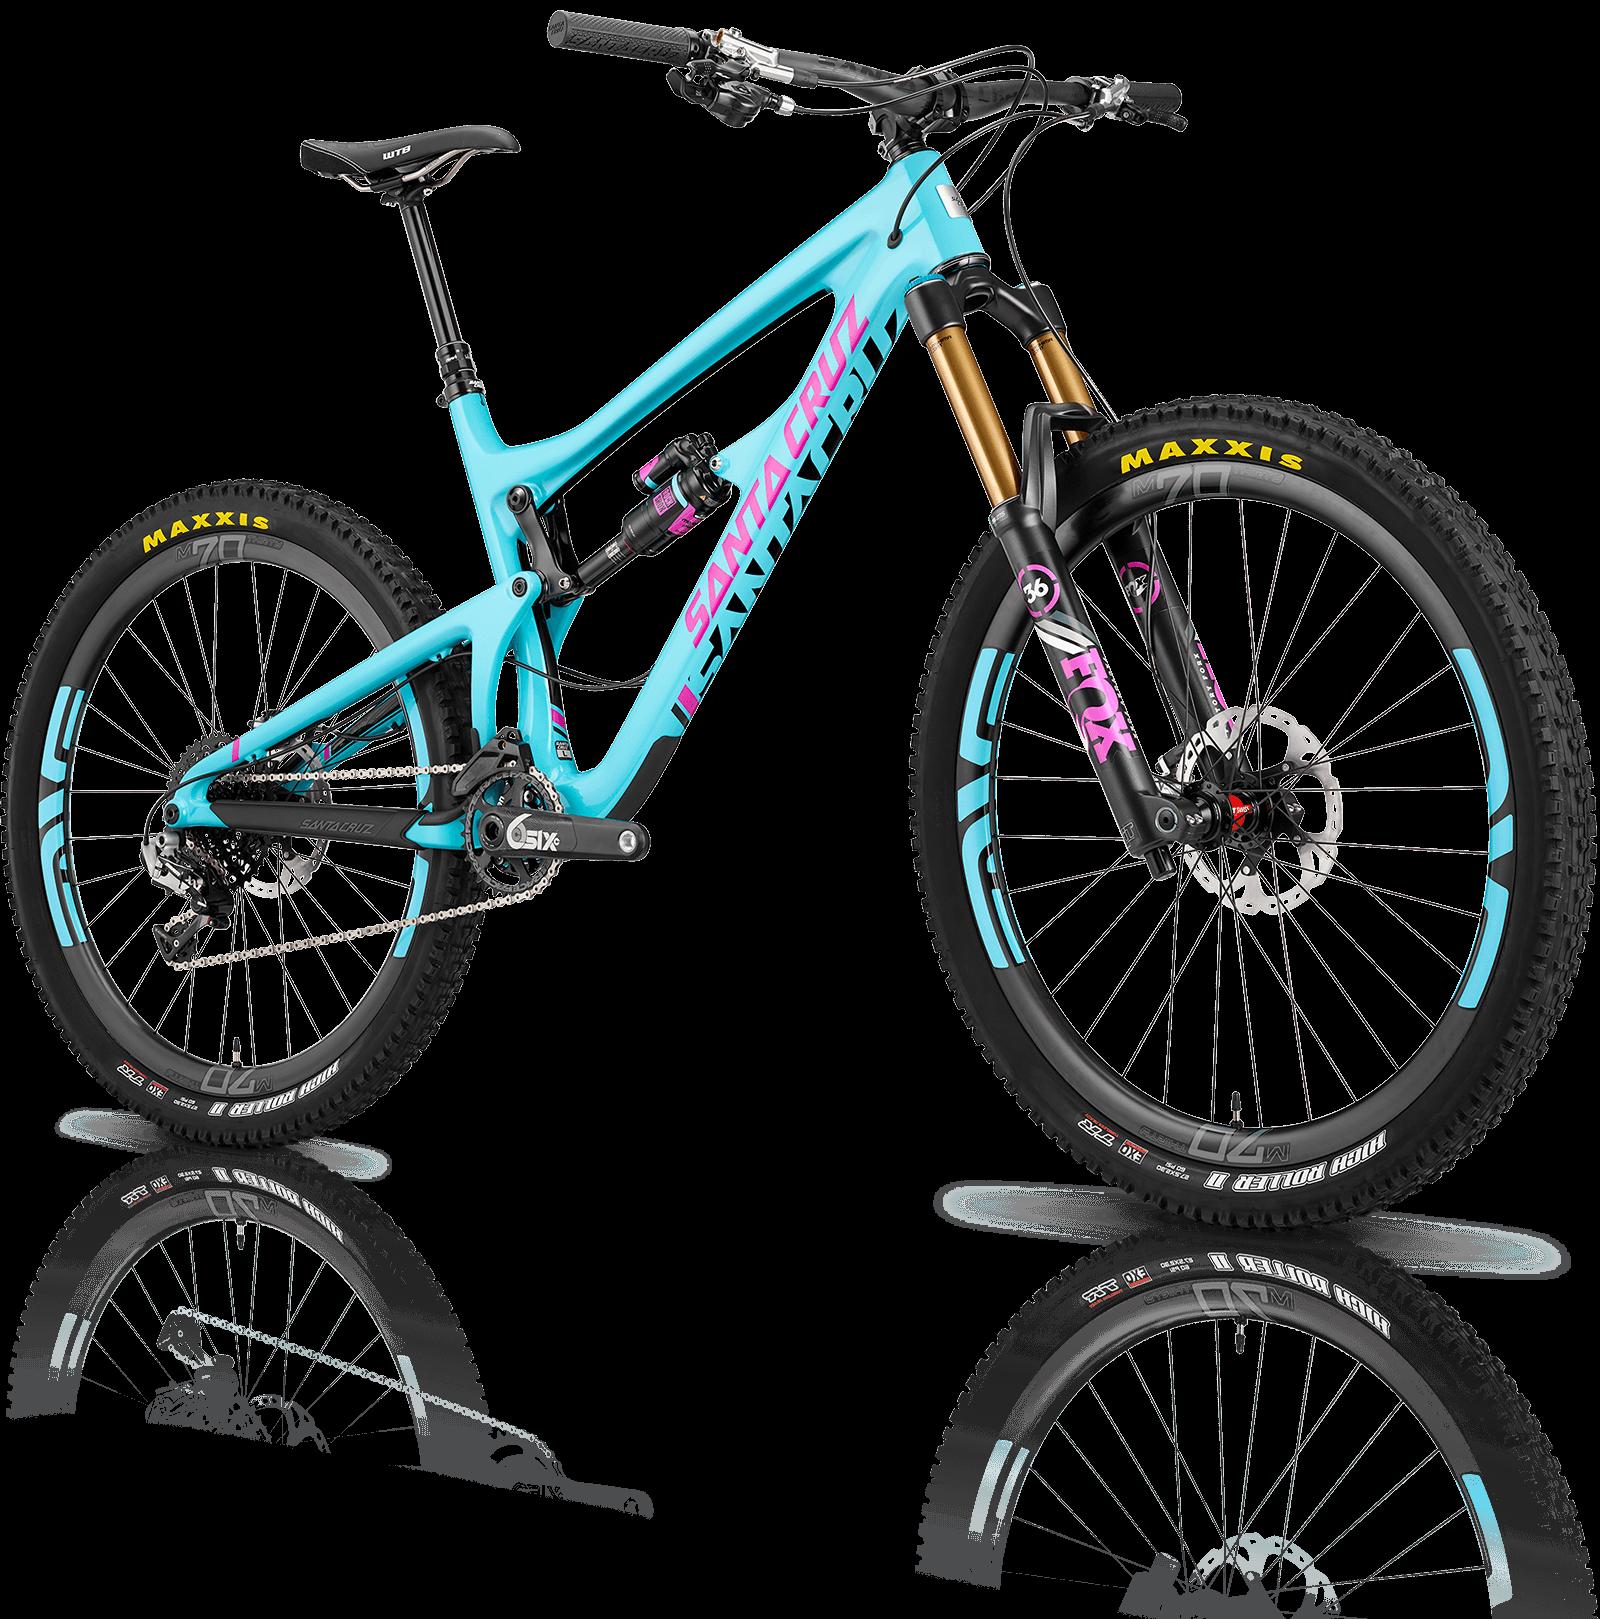 Votre vélo rêvé  - Page 2 Web-blue